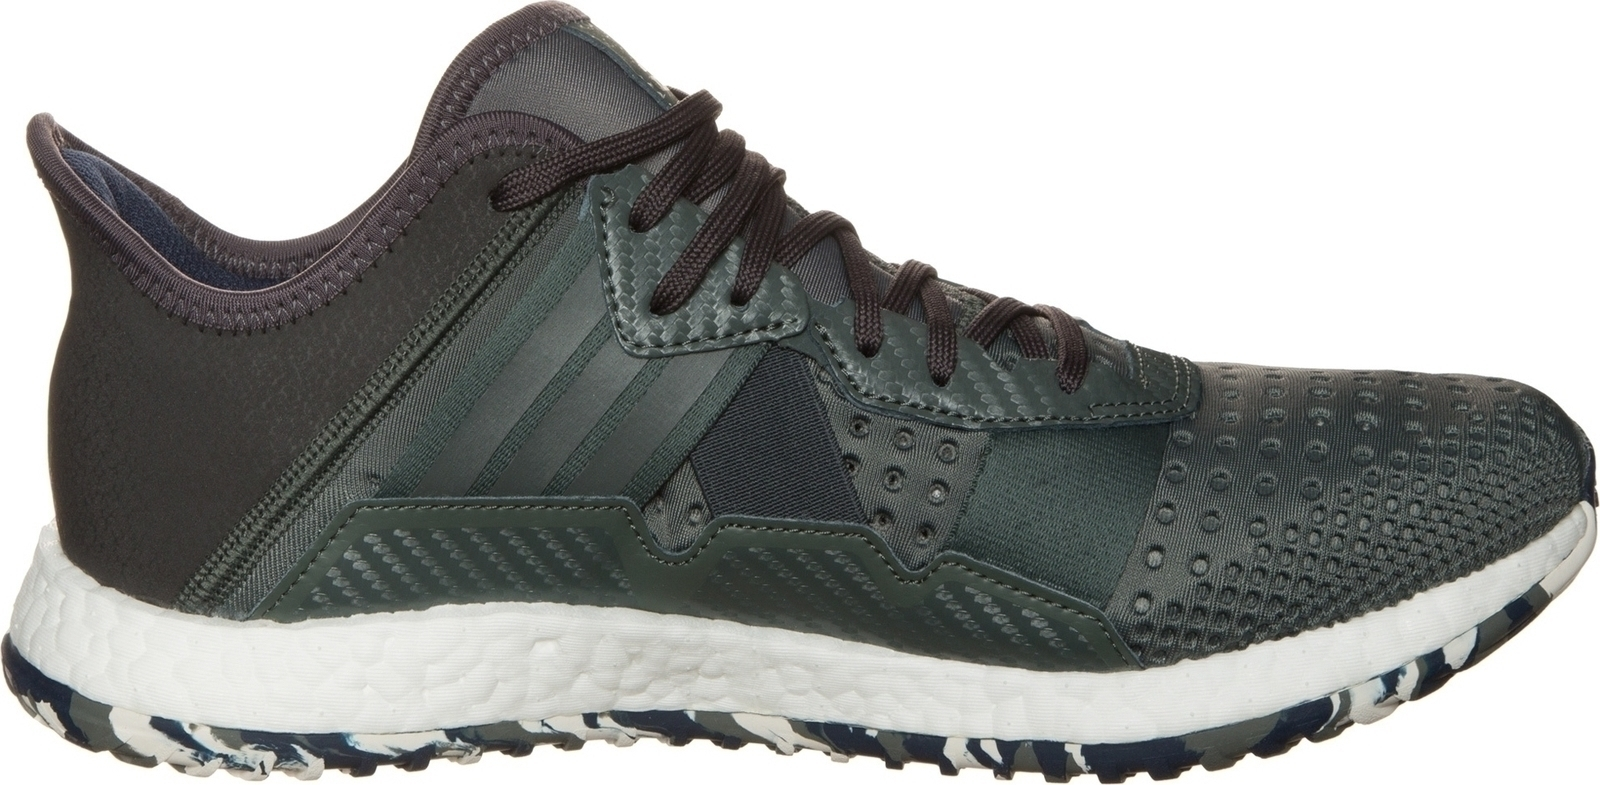 quality design 35b38 11429 Προσθήκη στα αγαπημένα menu Adidas Boost ZG Trainer